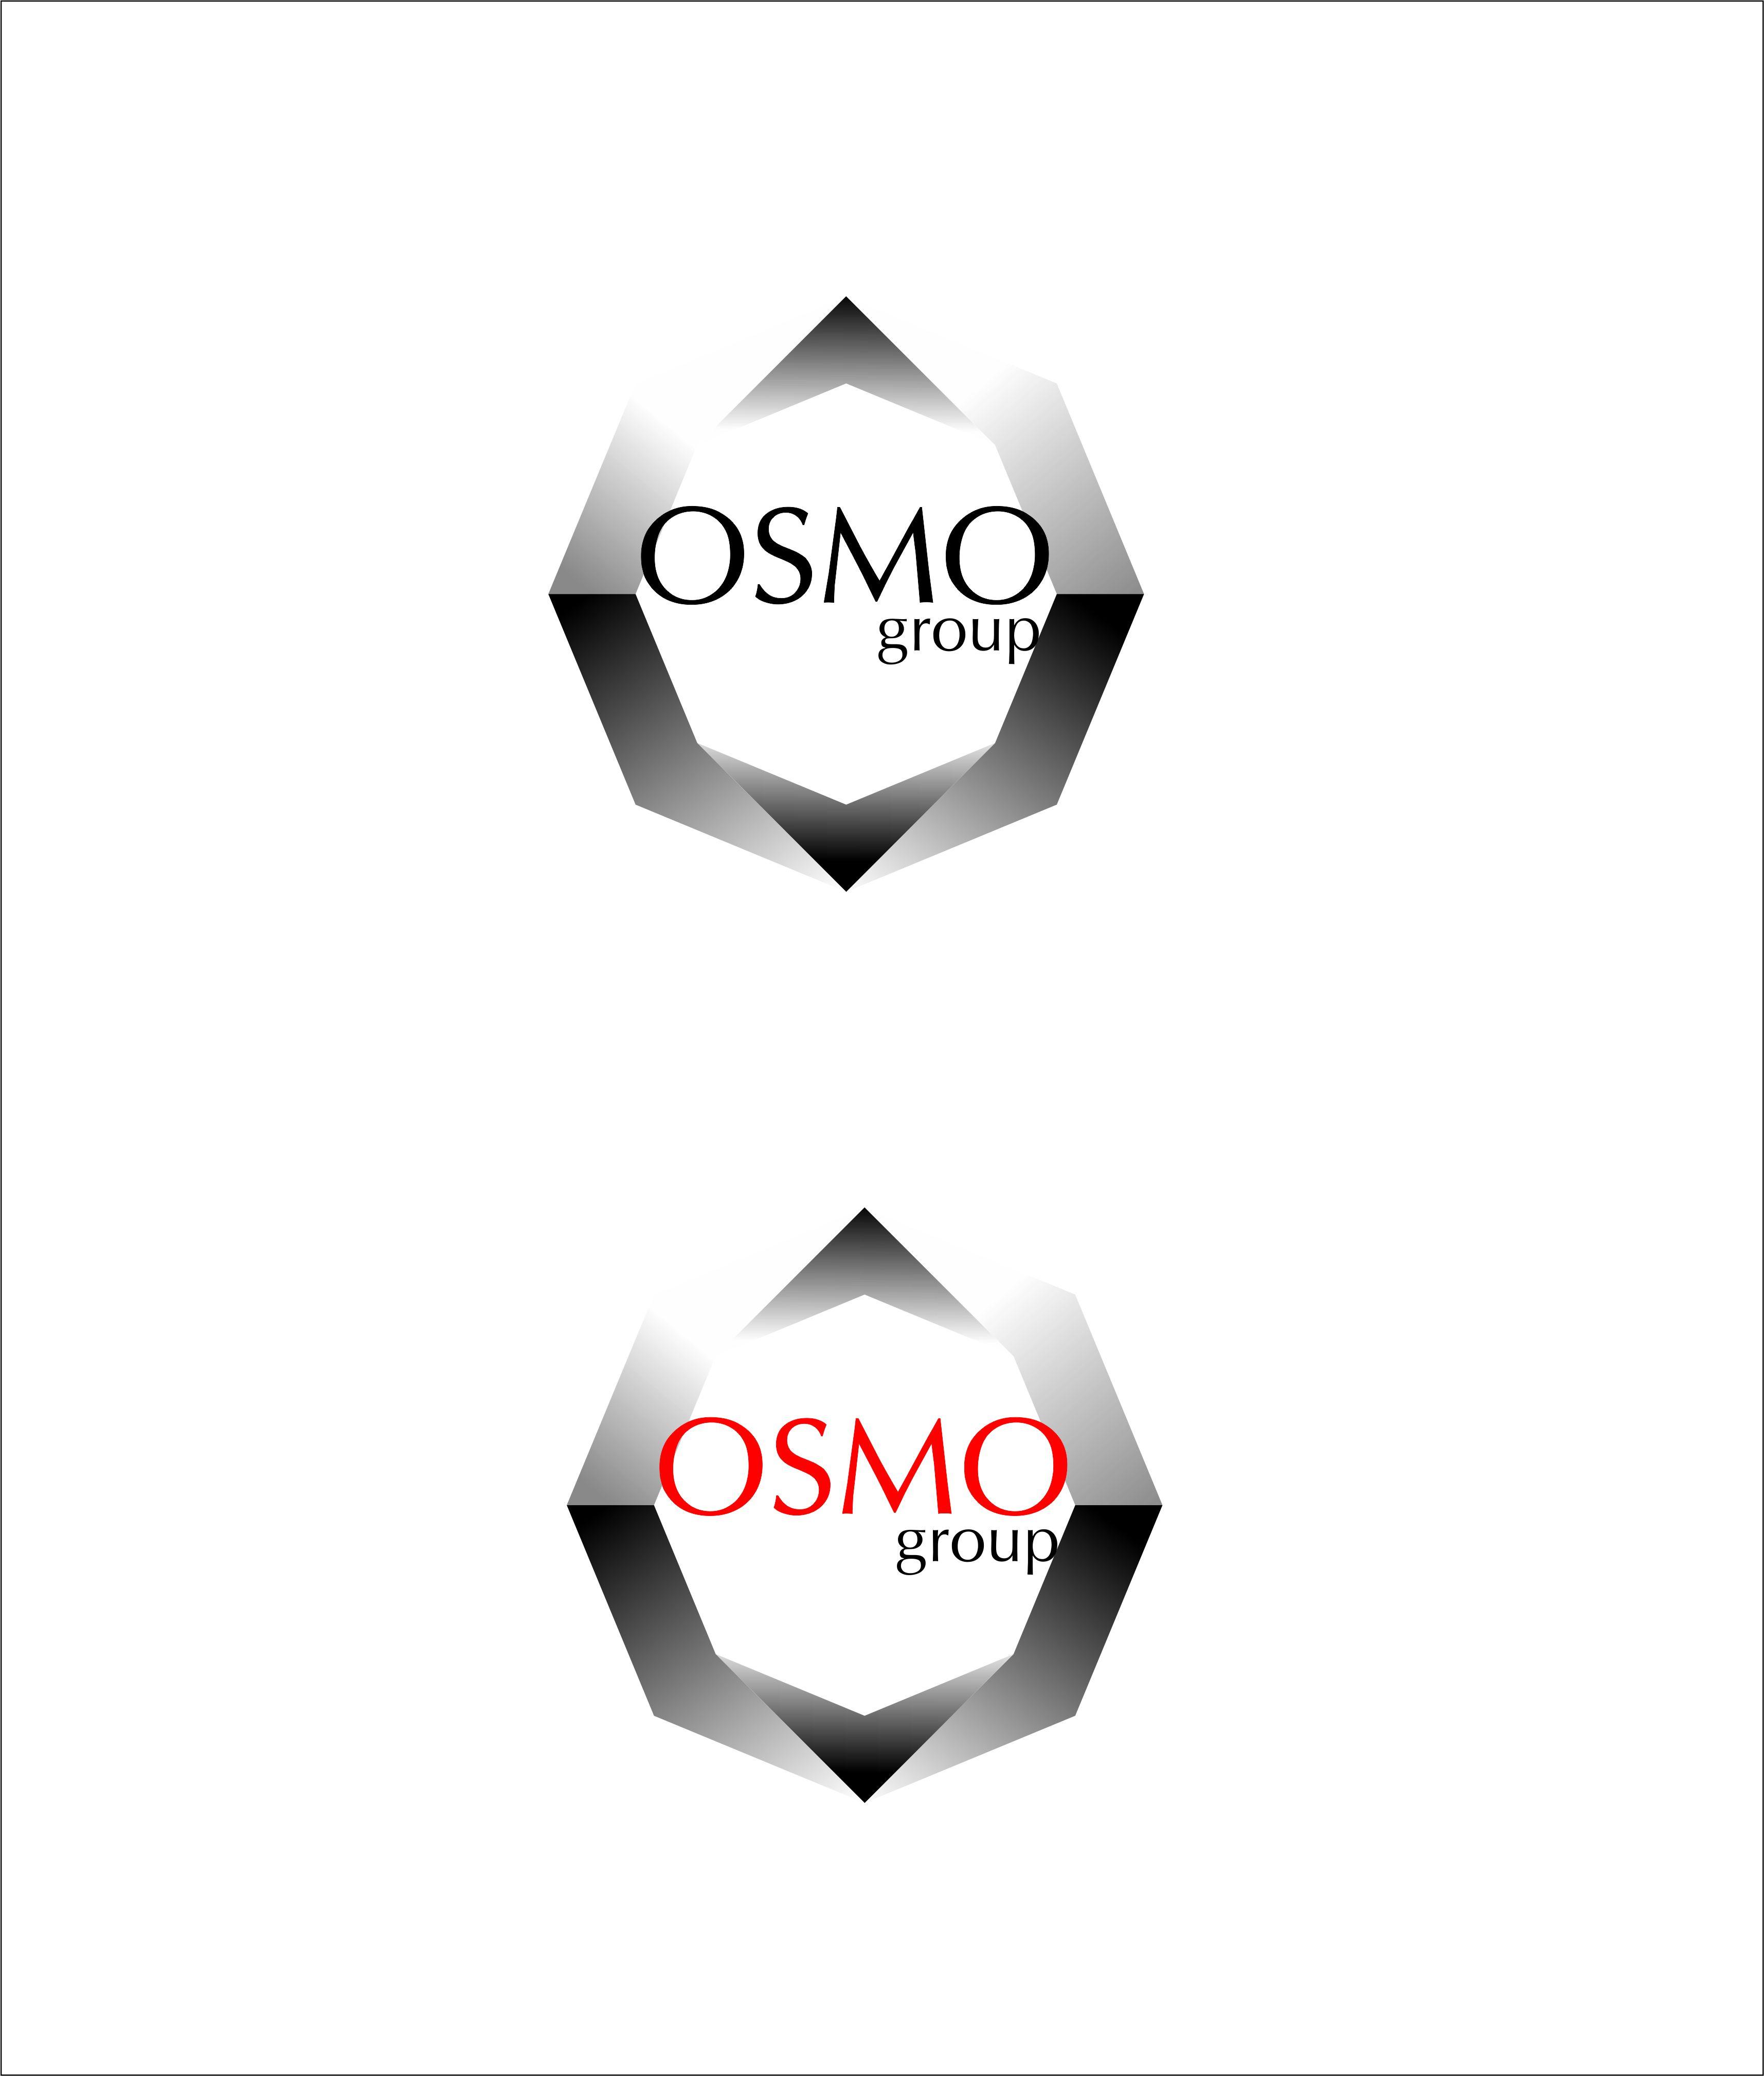 Создание логотипа для строительной компании OSMO group  фото f_90959b6431224543.jpg